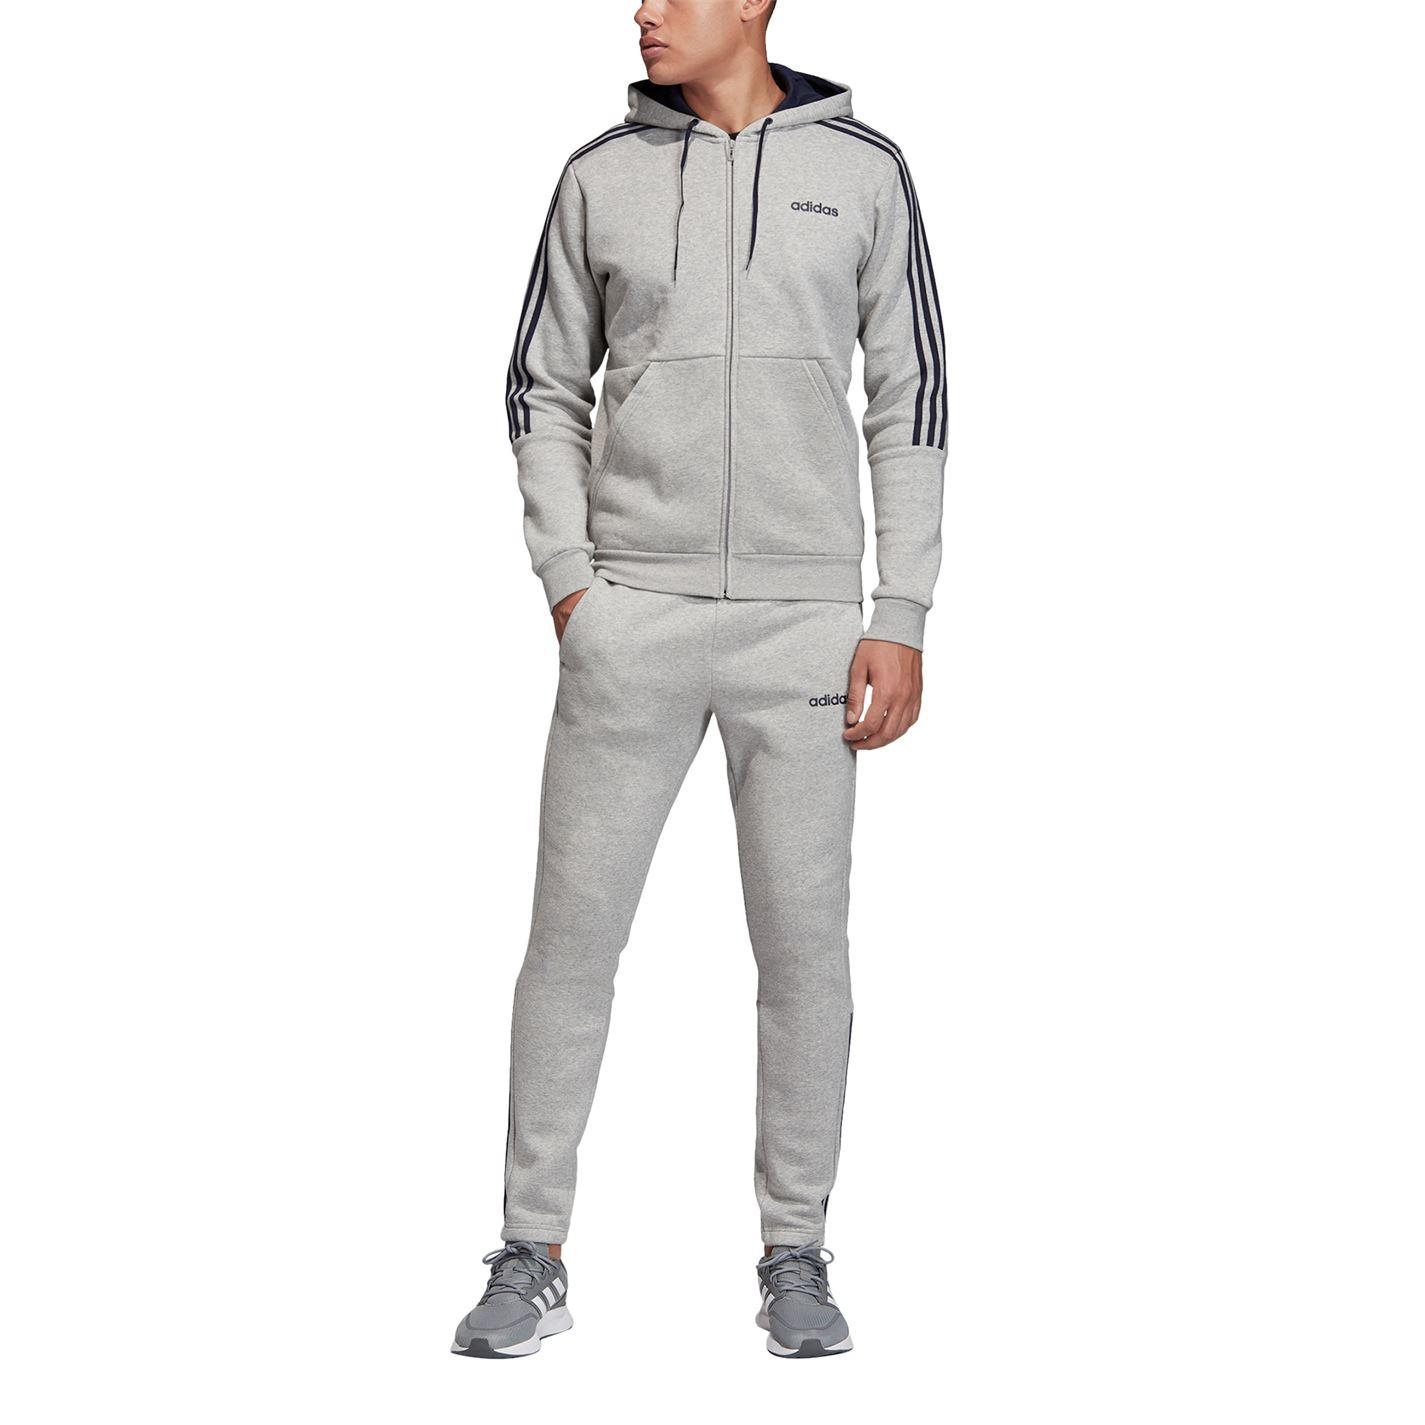 Mergi la Treninguri adidas cu fermoar 3-Stripes pentru Barbati gri albastru